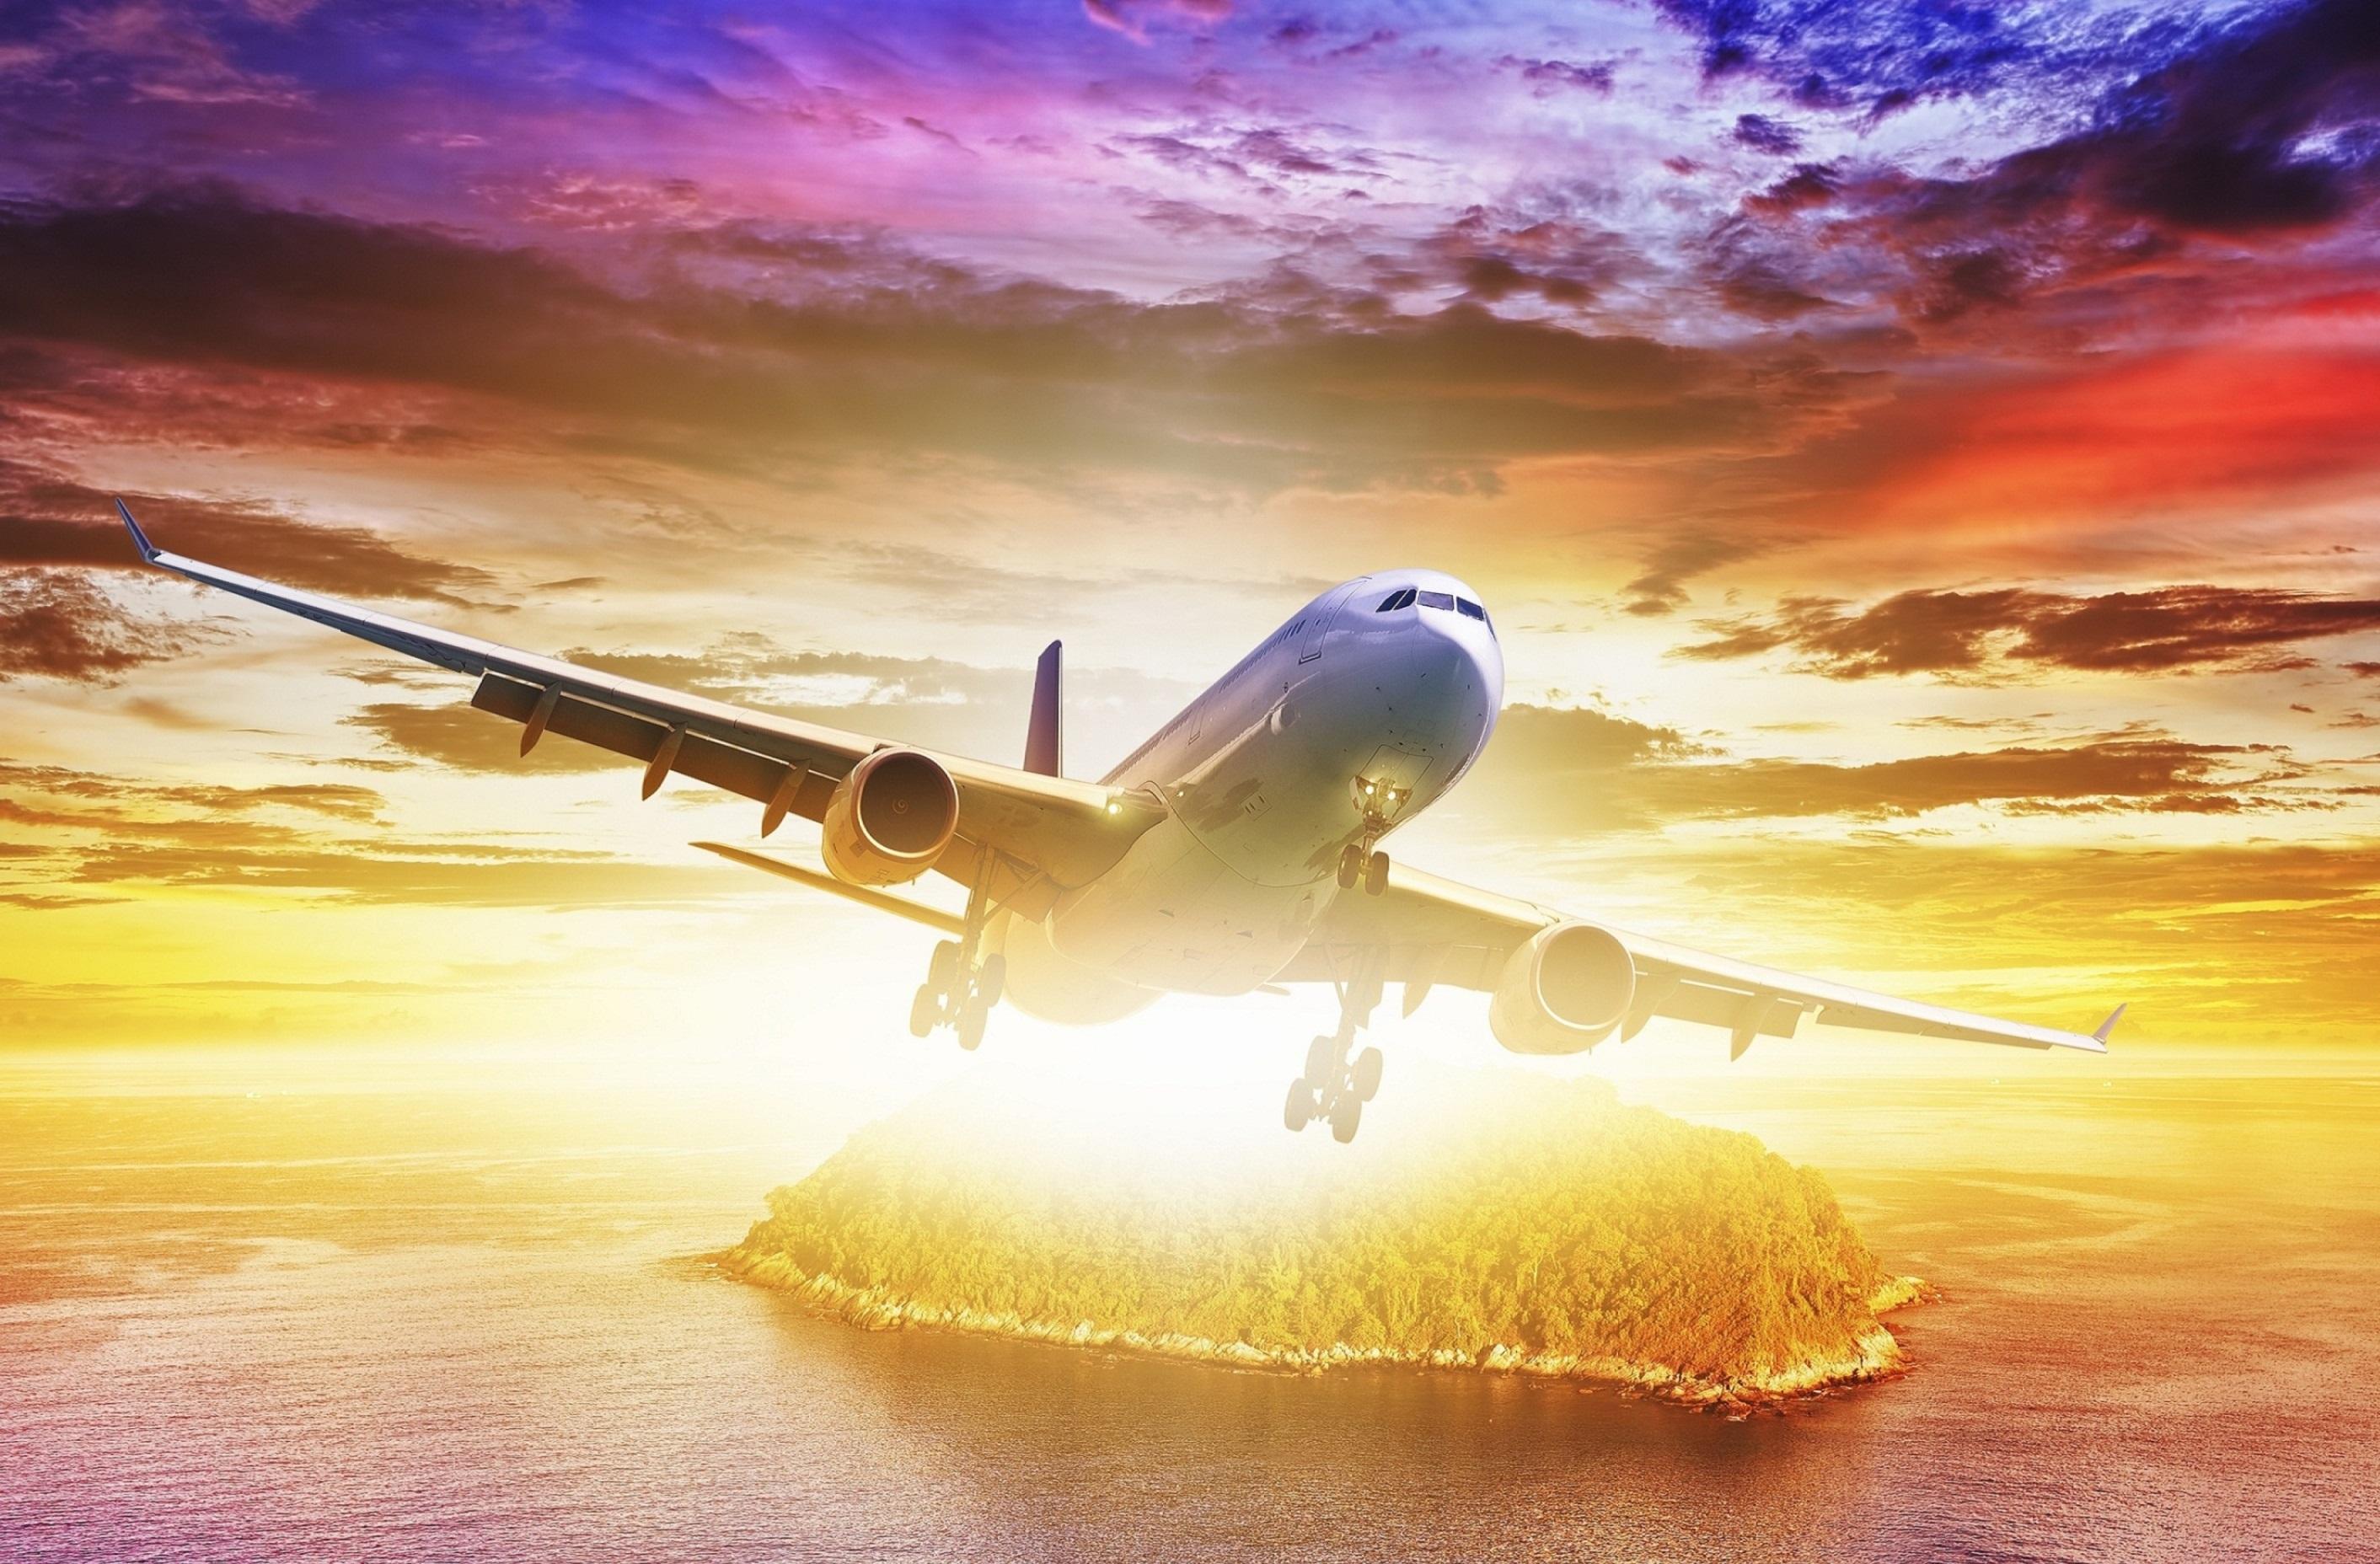 Аэротревел билеты на самолет купить авиабилет сургут ростов